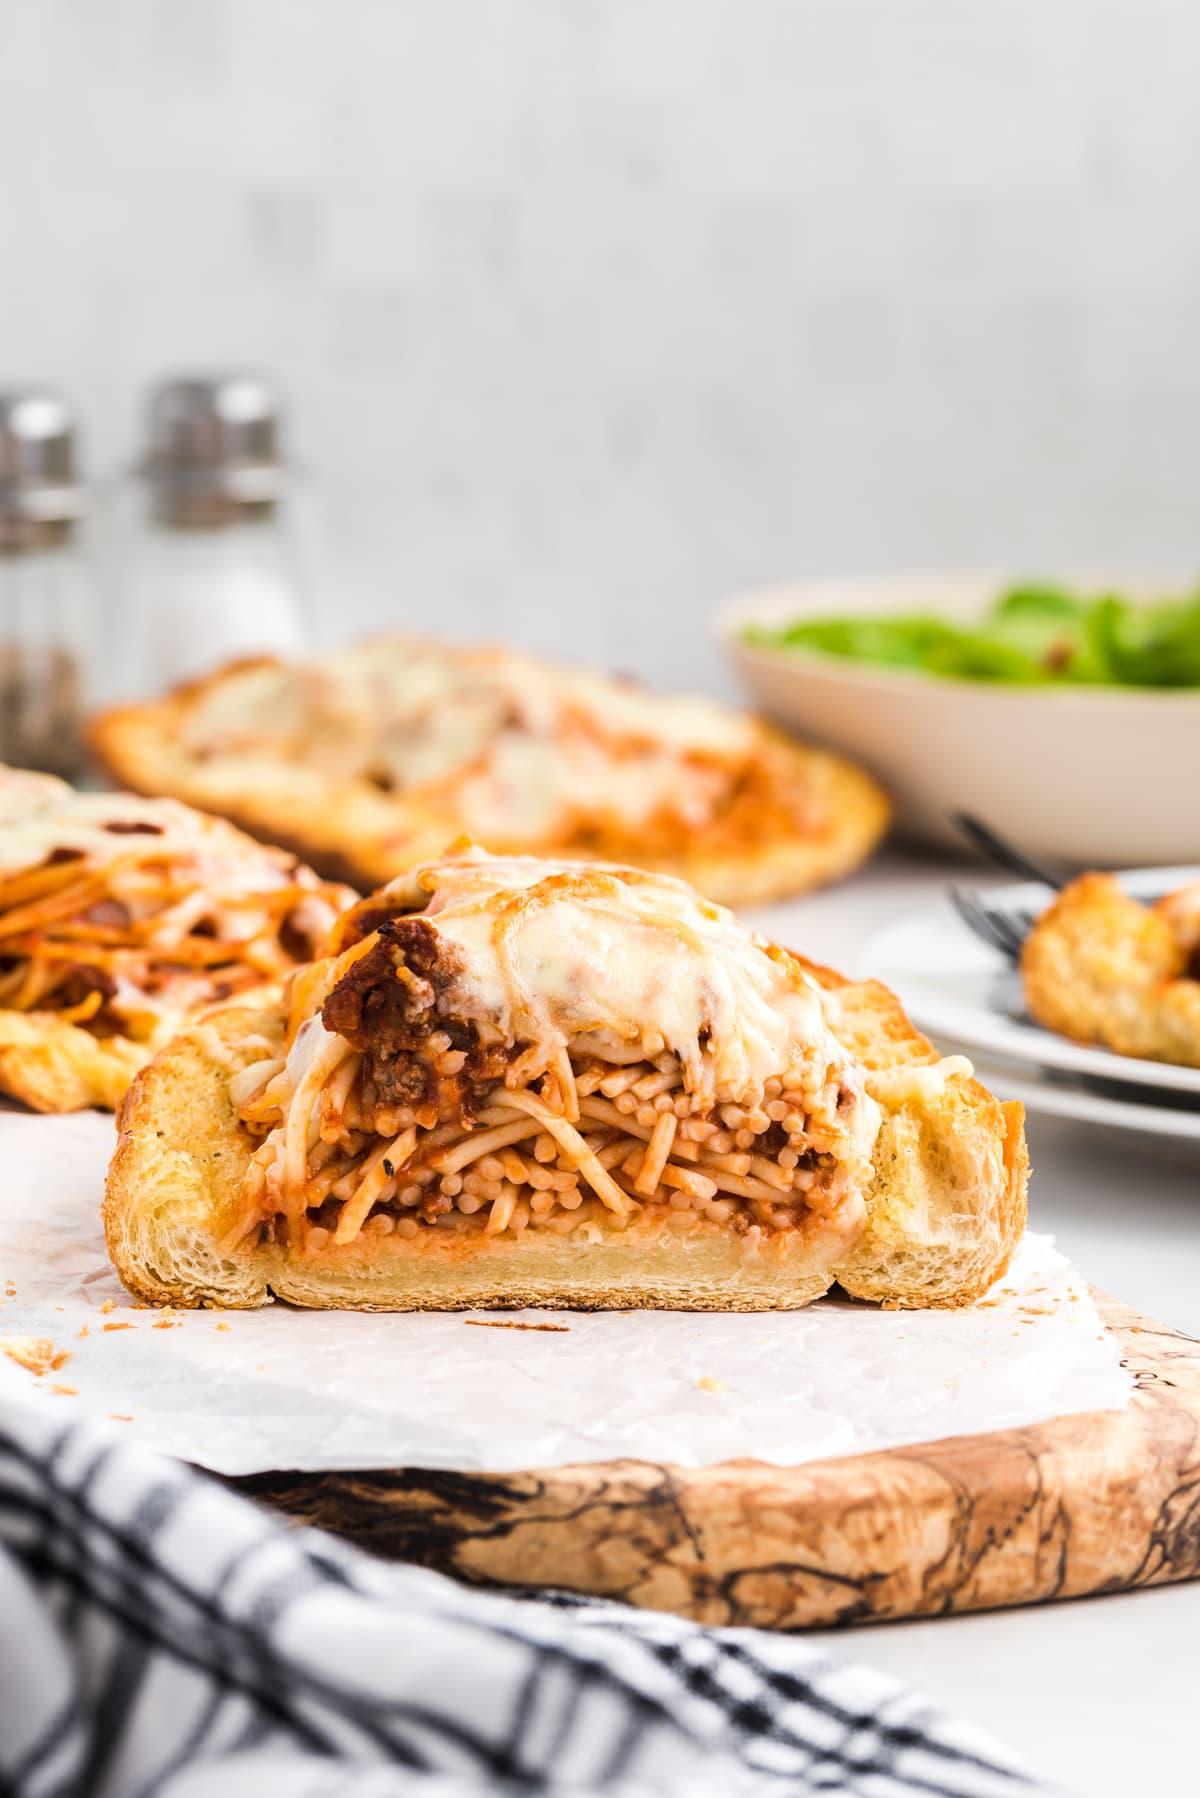 Spaghetti Stuffed Garlic Bread hero image